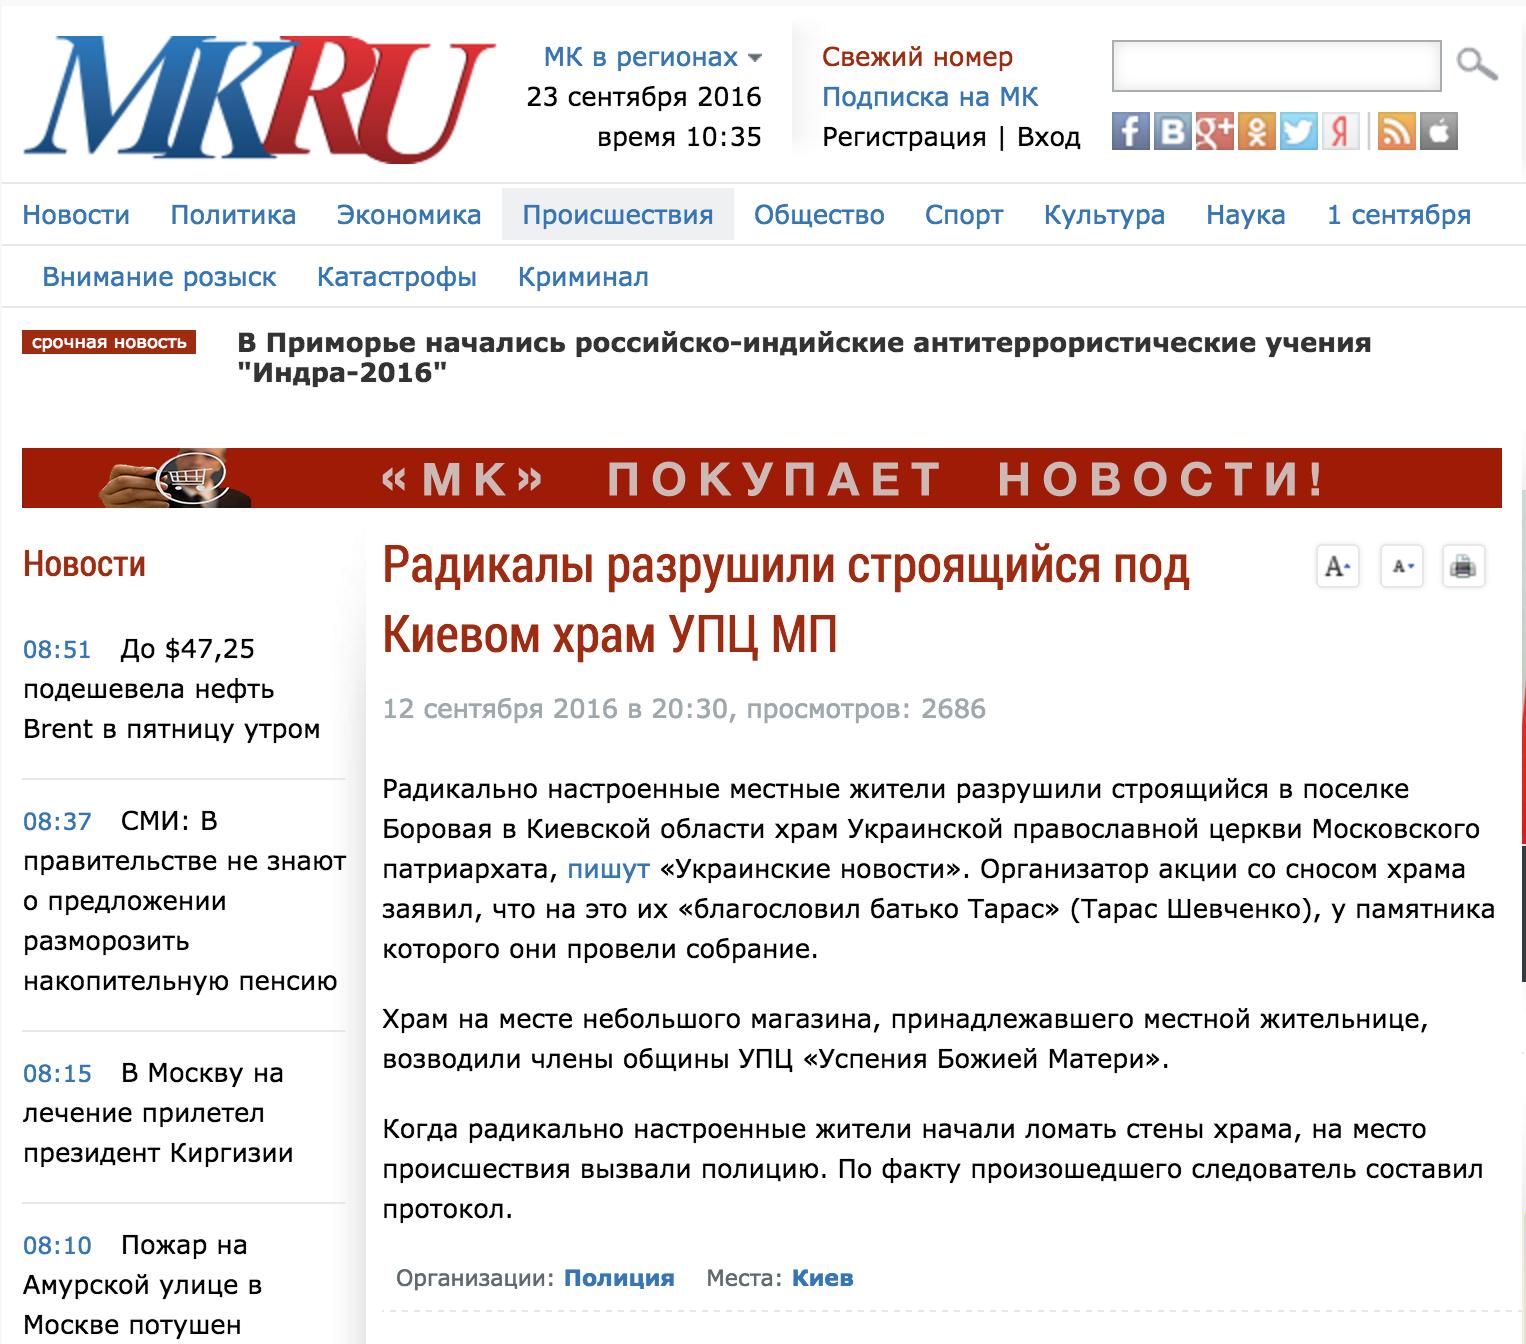 Скриншот  сайта Московский Комсомолец